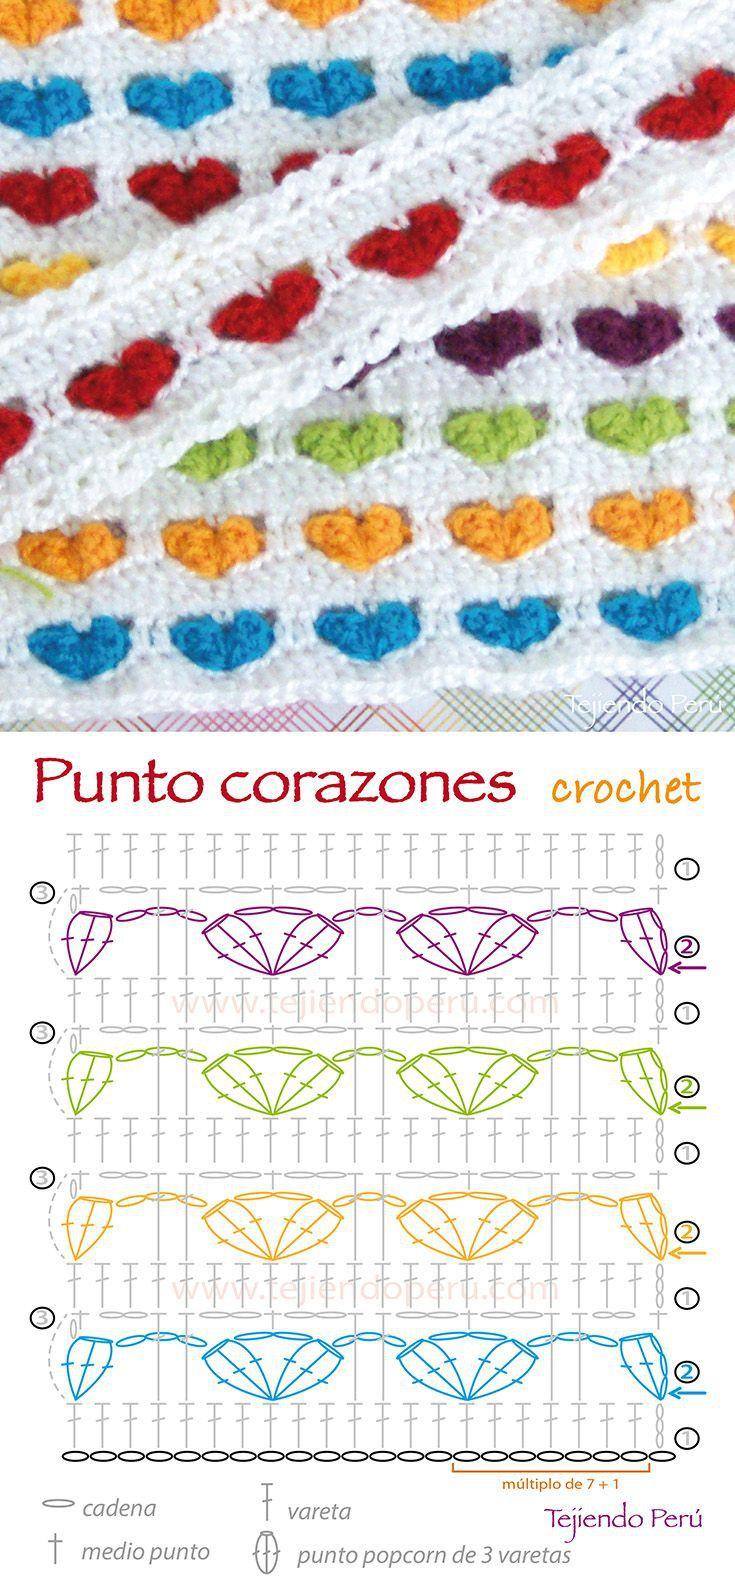 Pin de graciela gimenez en Esquemas | Pinterest | Ganchillo, Mantas ...